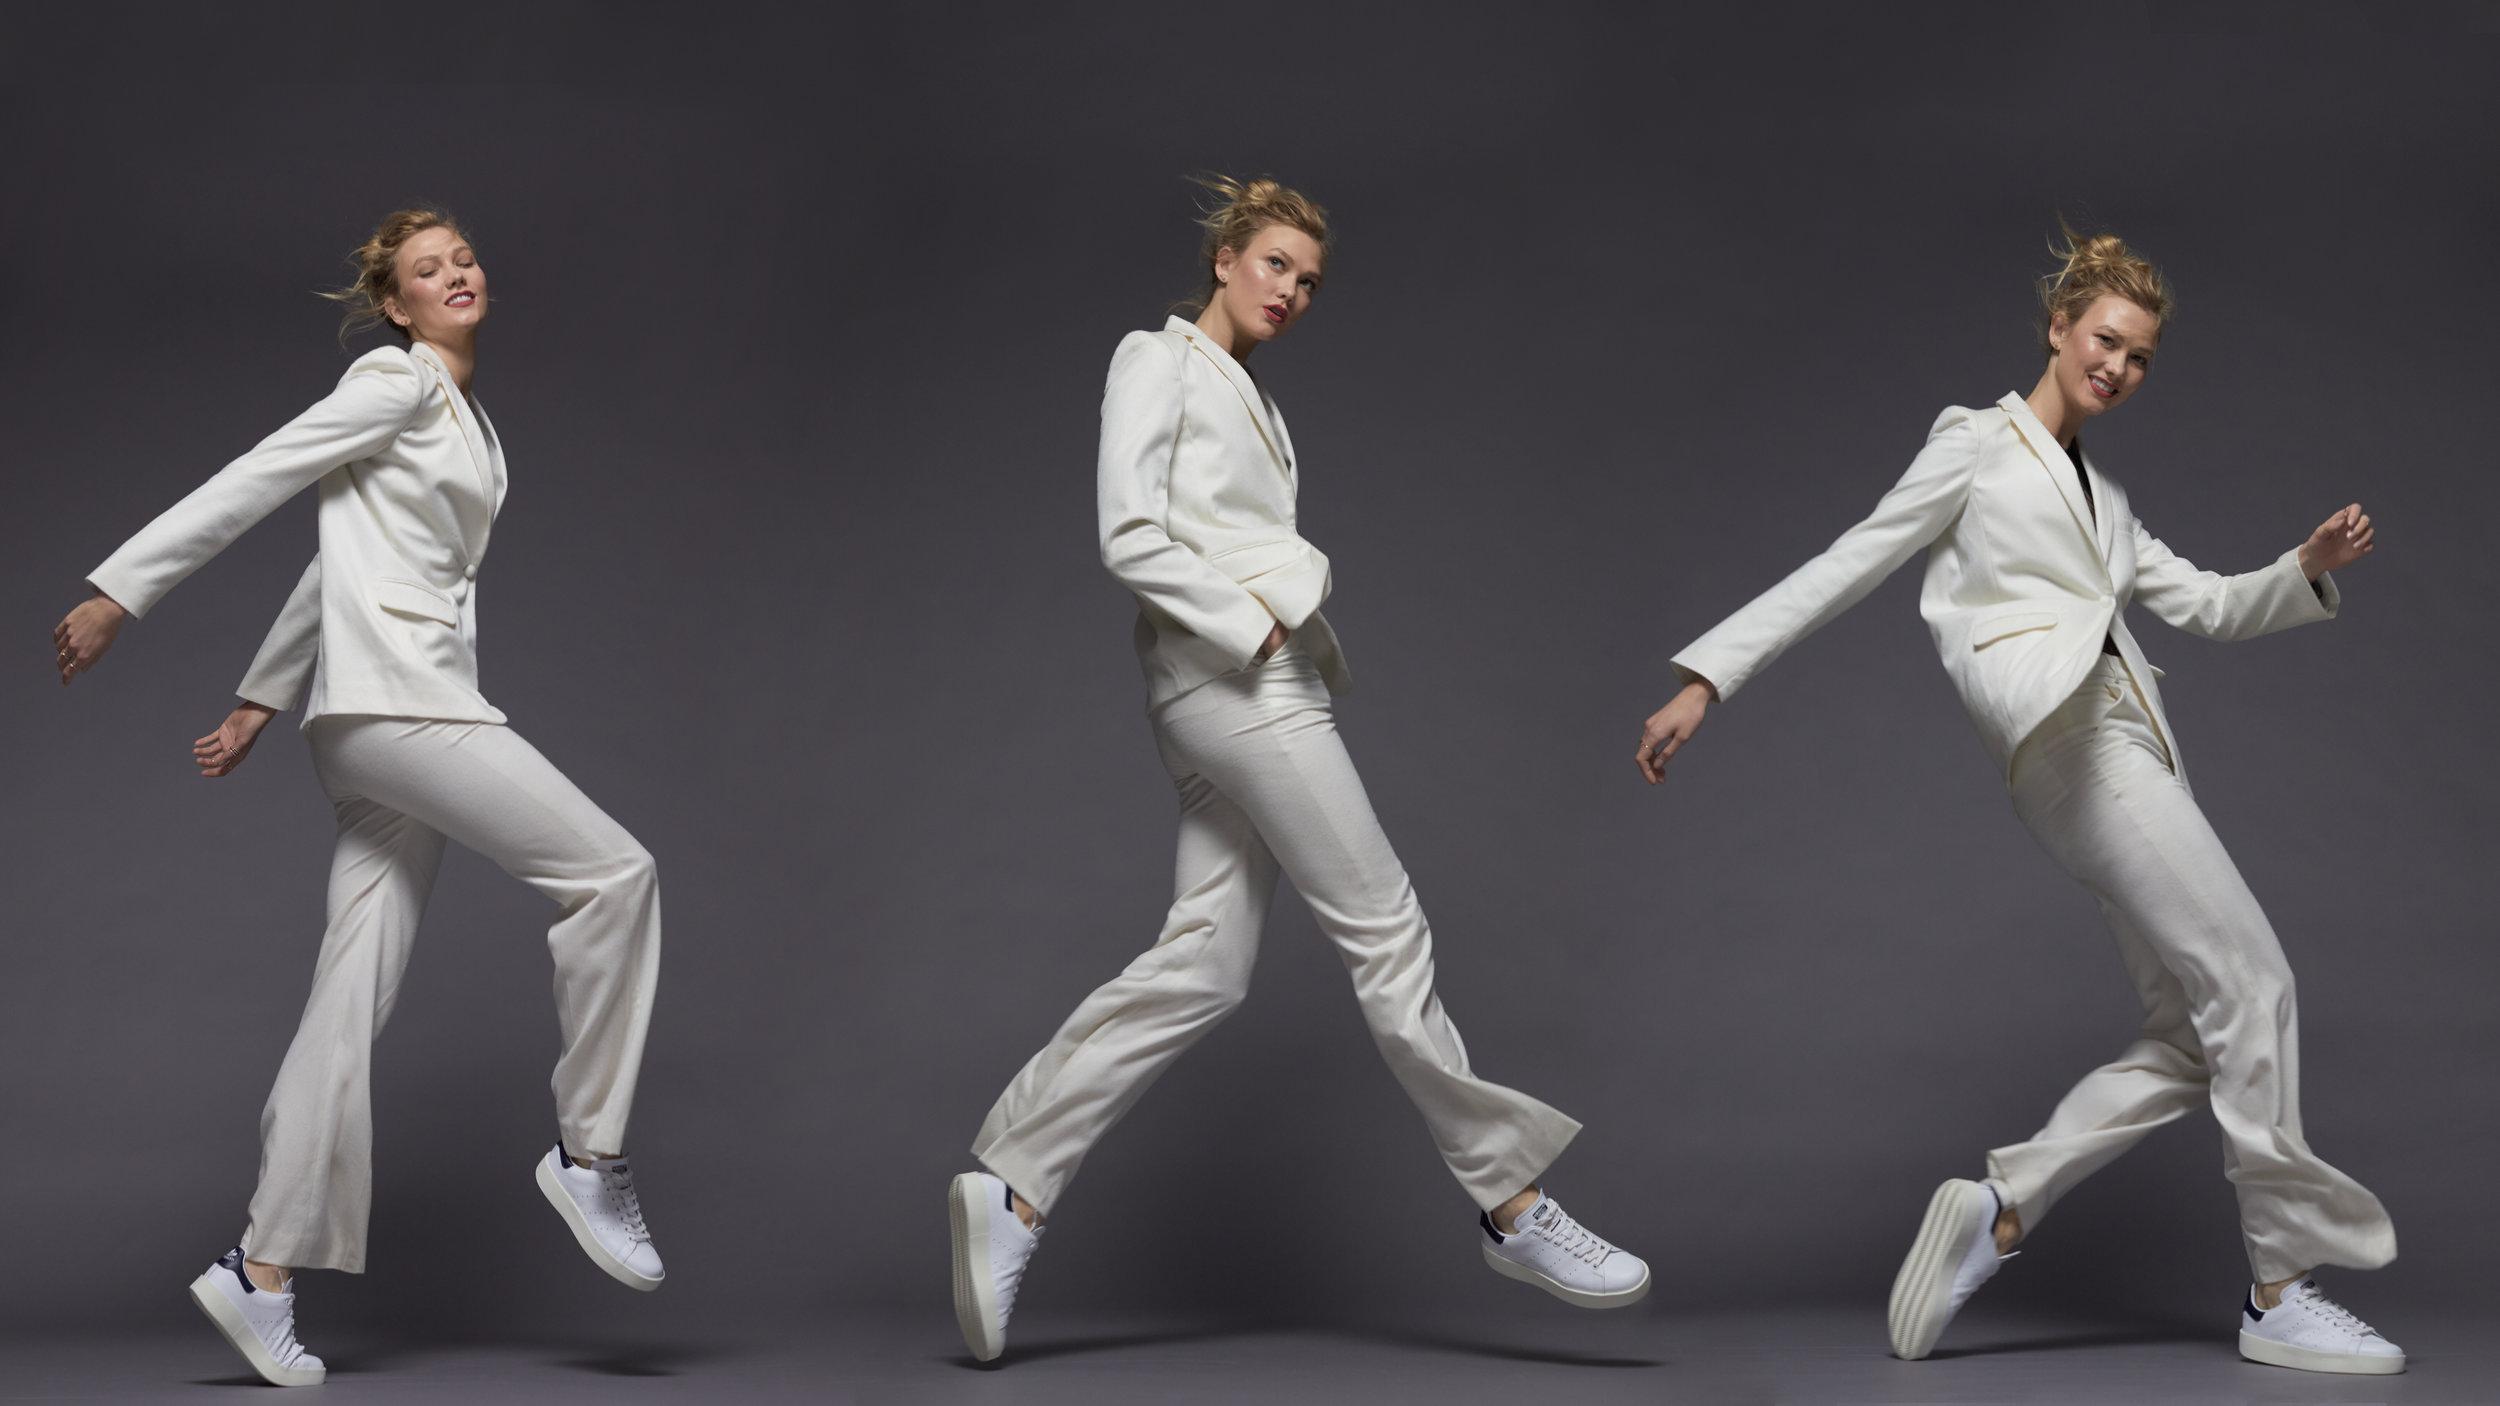 Karlie+Kloss+Triptych_ORIG.jpg